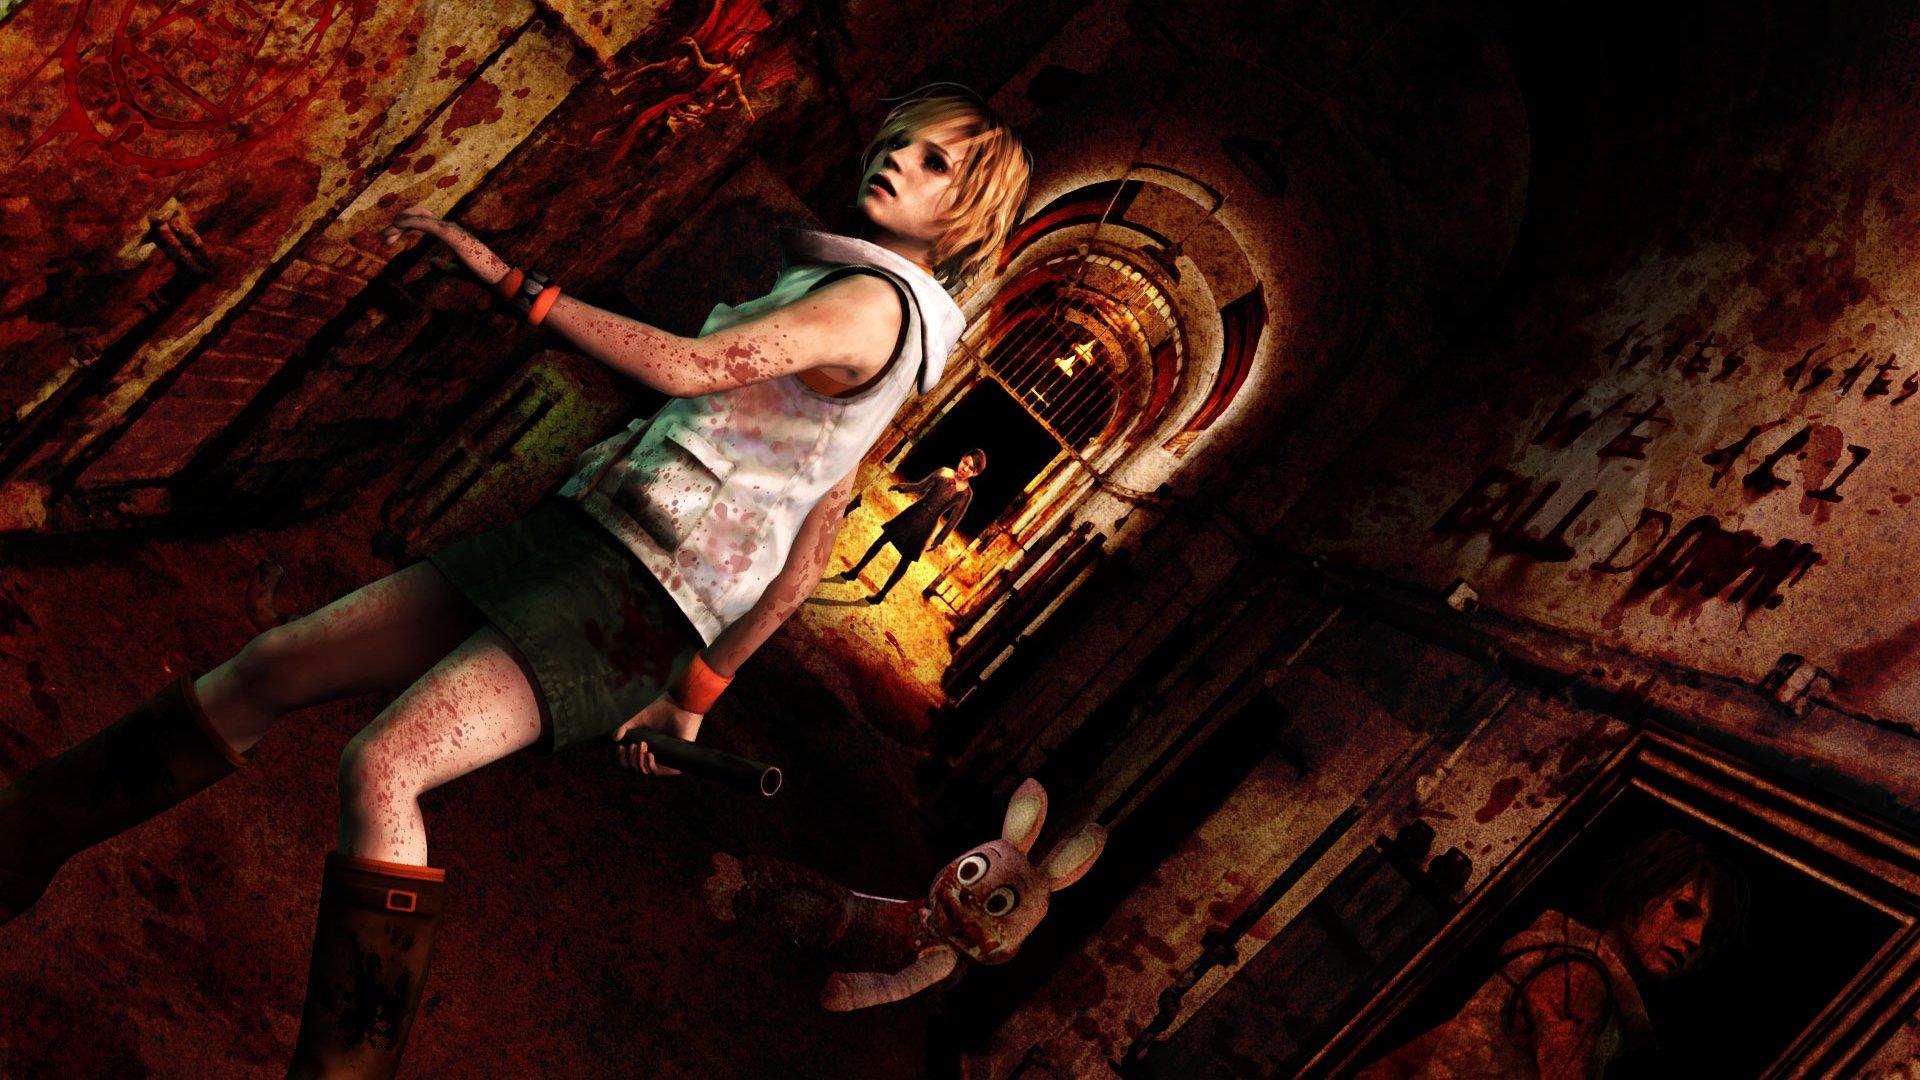 VGC: Konami отдала Silent Hill сторонней студии. То же самое она сделает с Metal Gear Solid и Castlevania